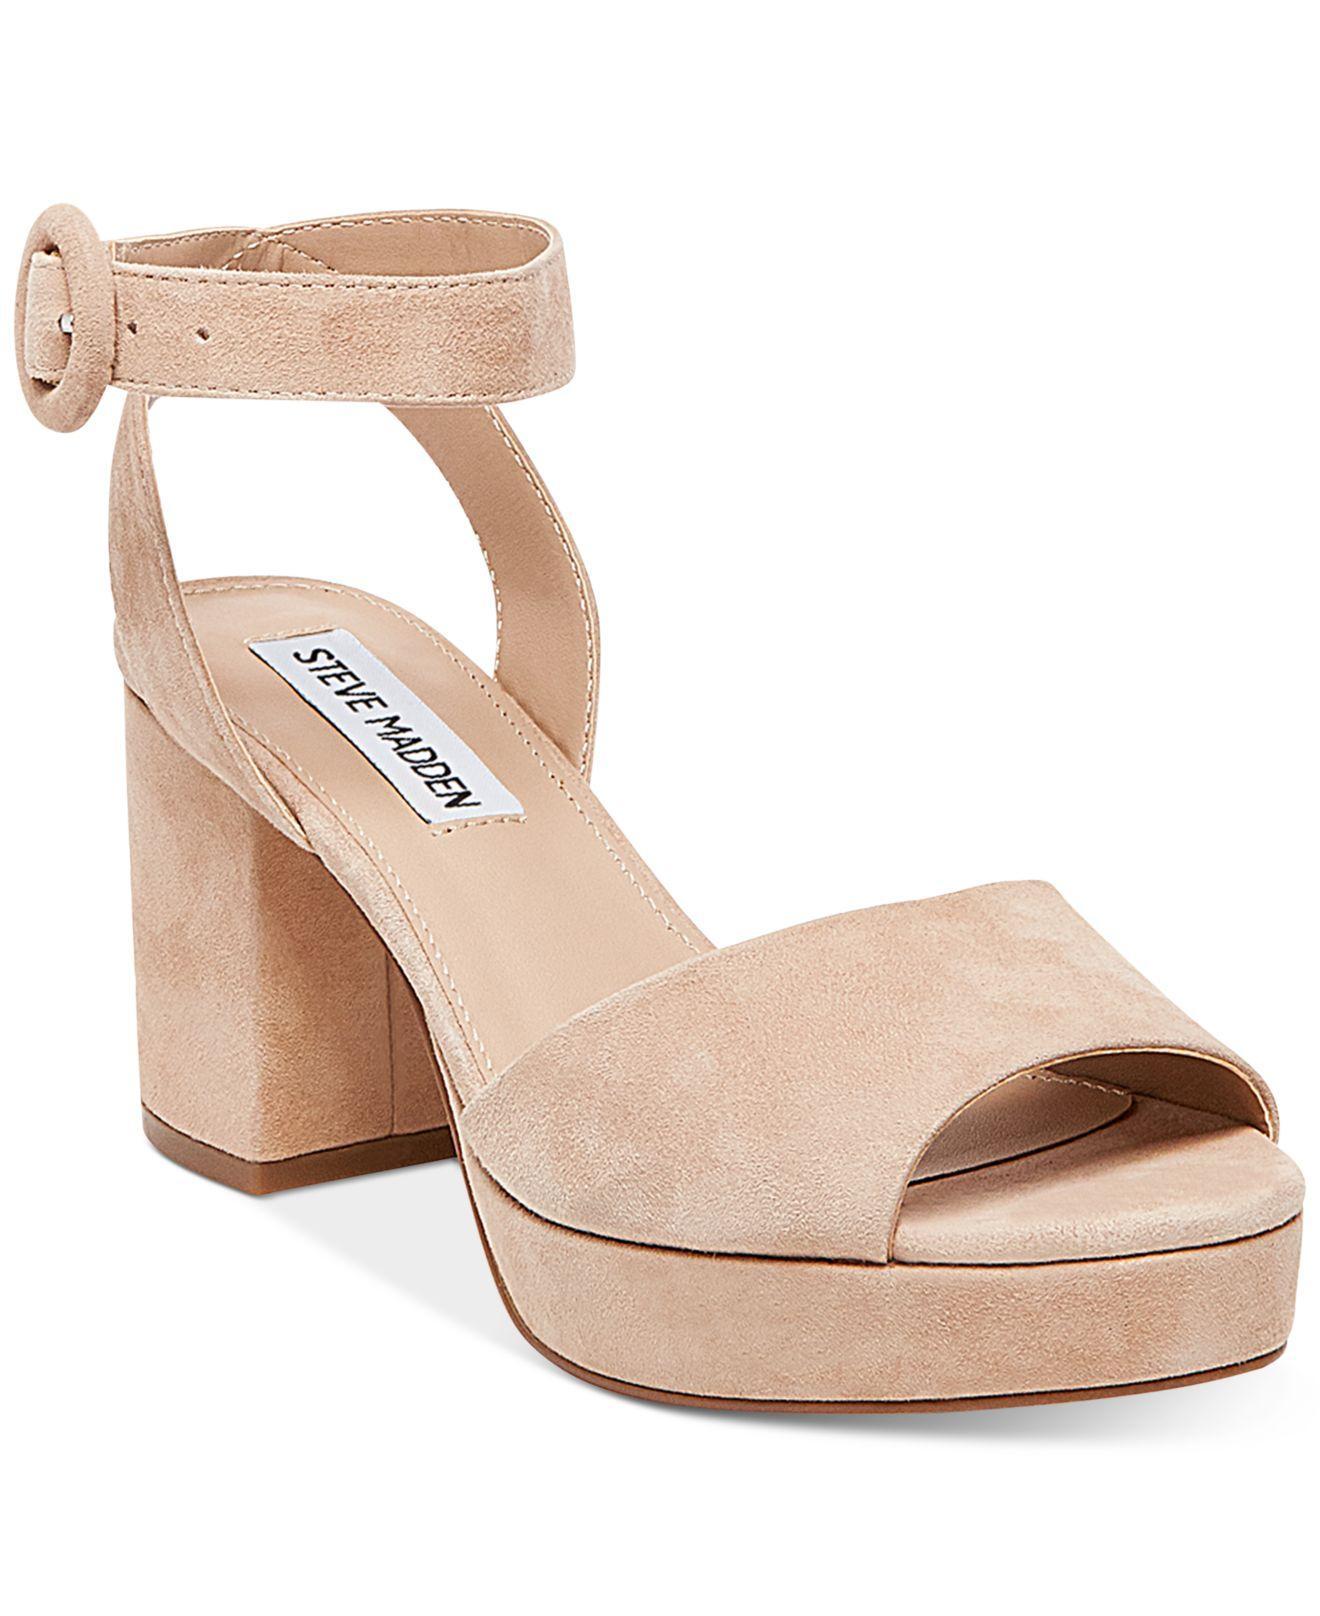 400ba2f2910 Lyst - Steve Madden Women s Tickle Two-piece Platform Sandals